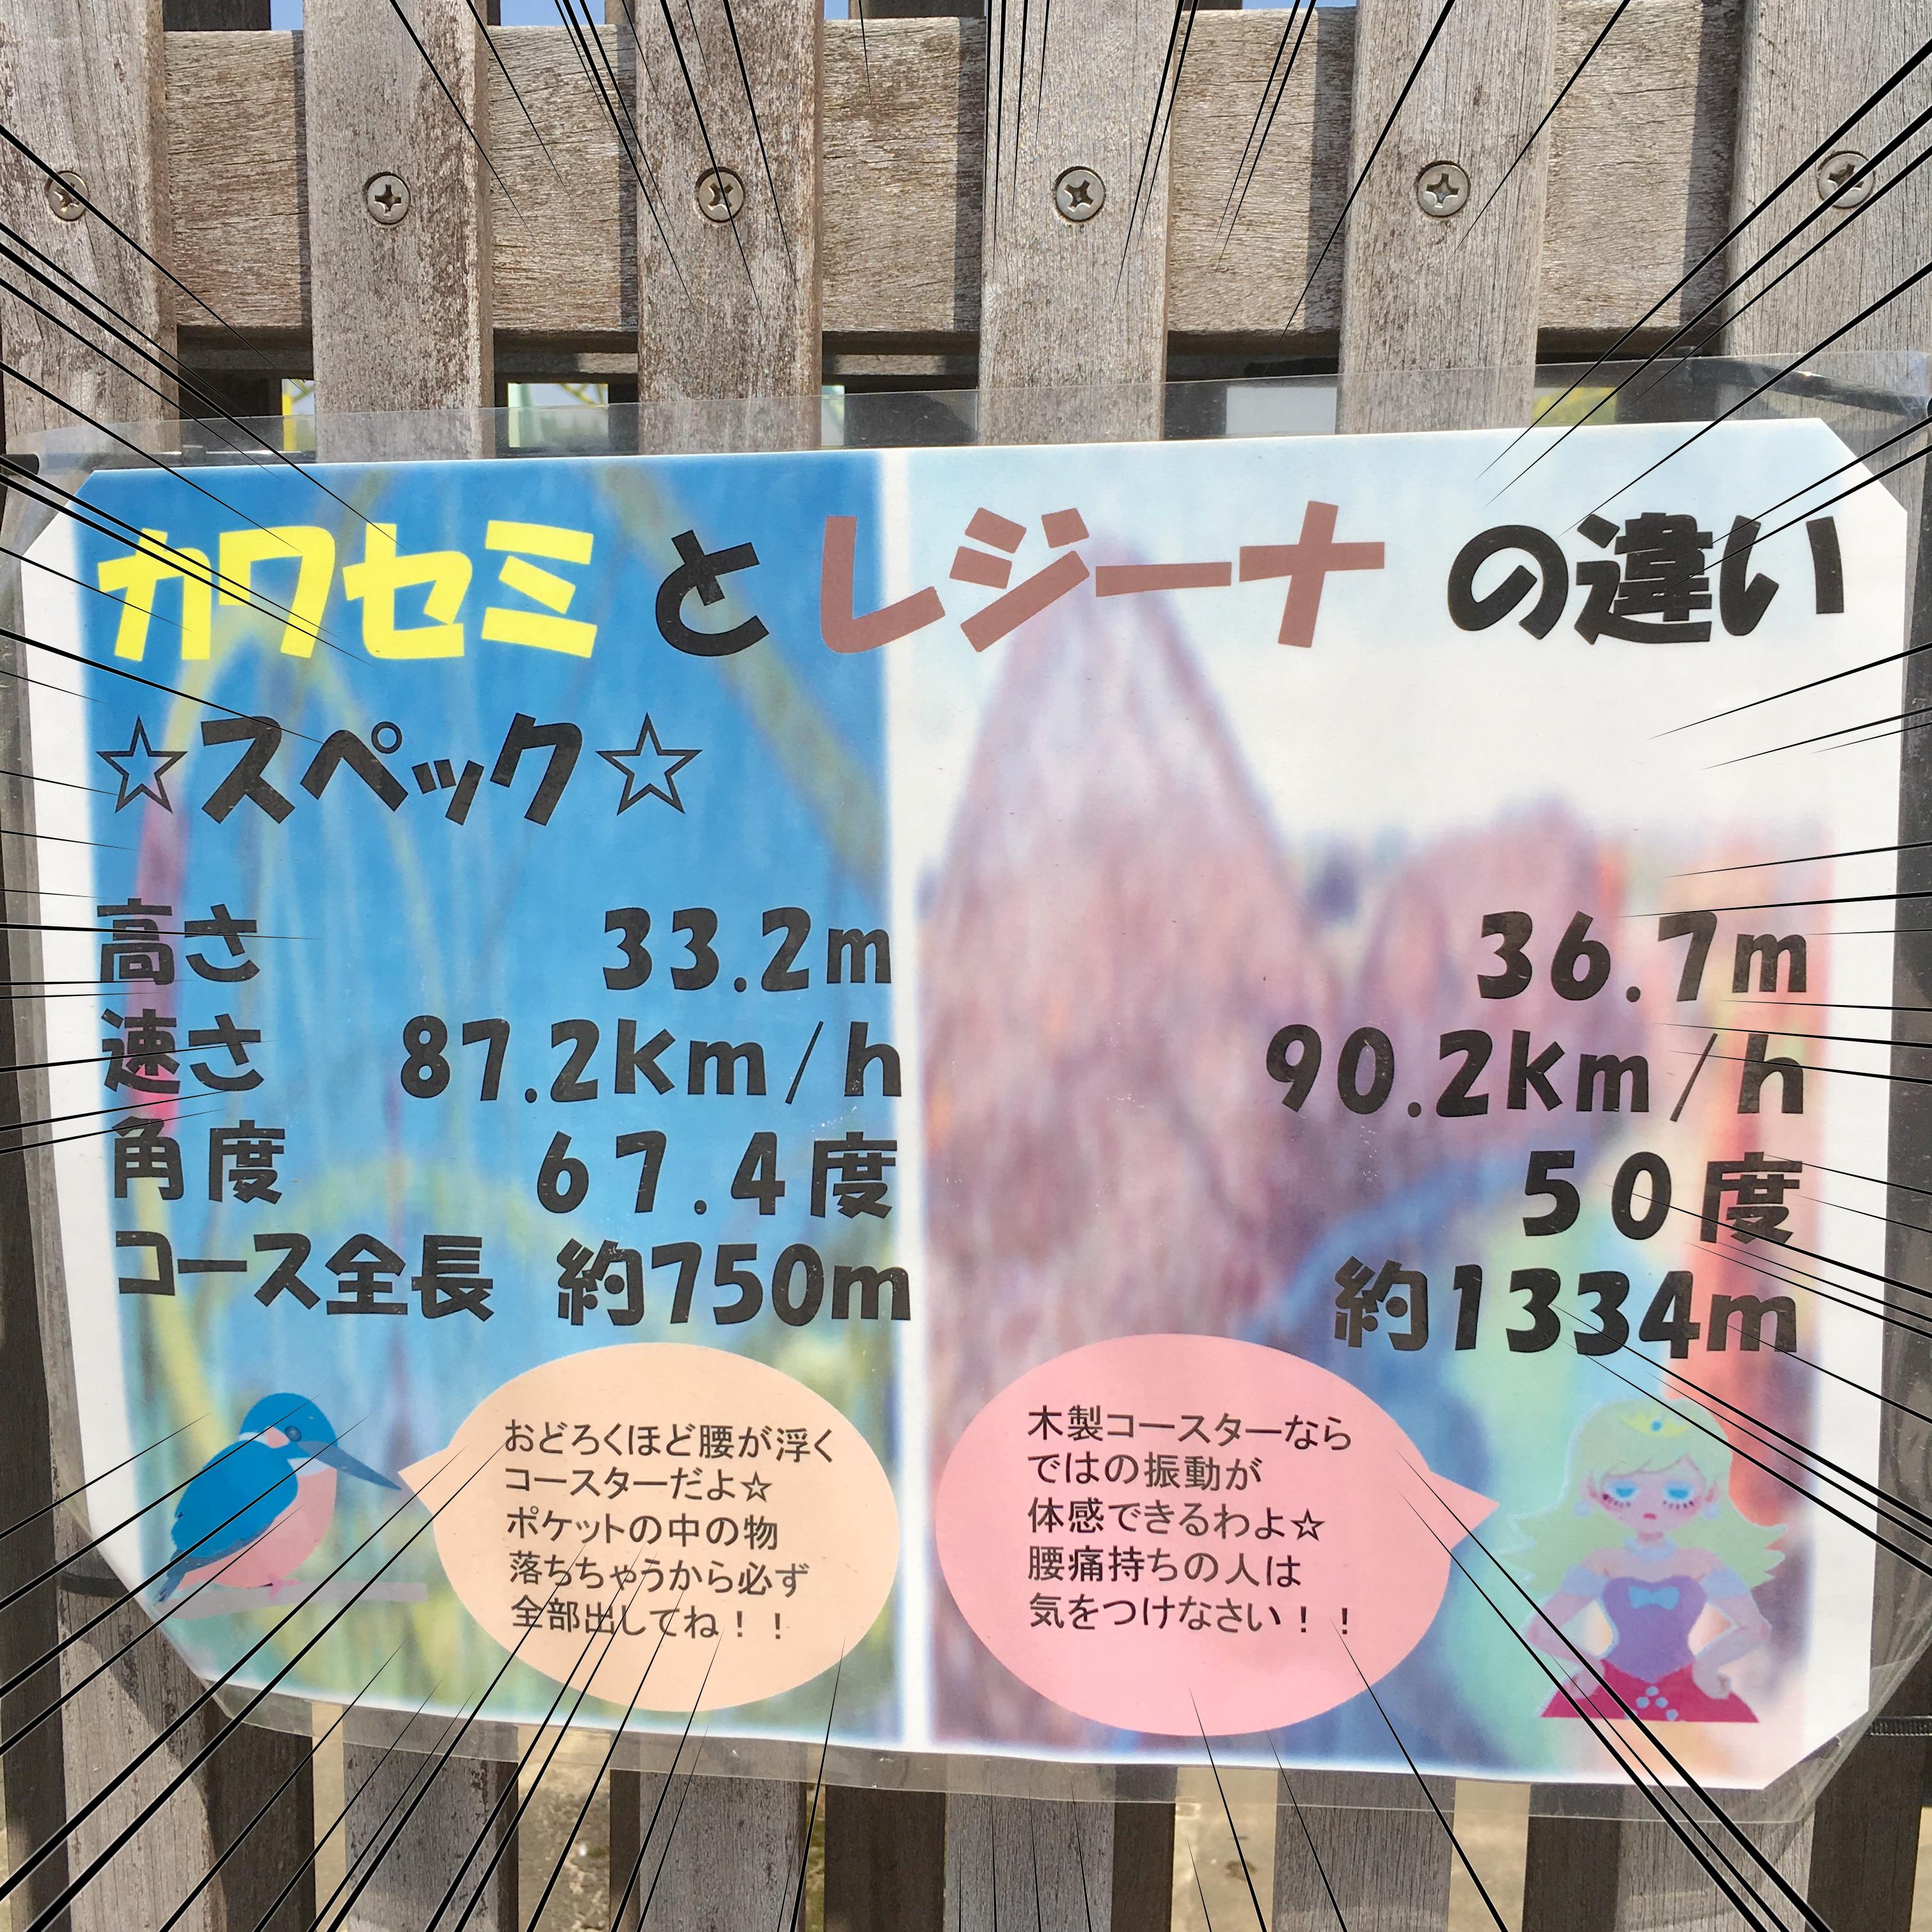 東武動物公園のレジーナとカワセミの特徴【ある意味怖いジェットコースター】